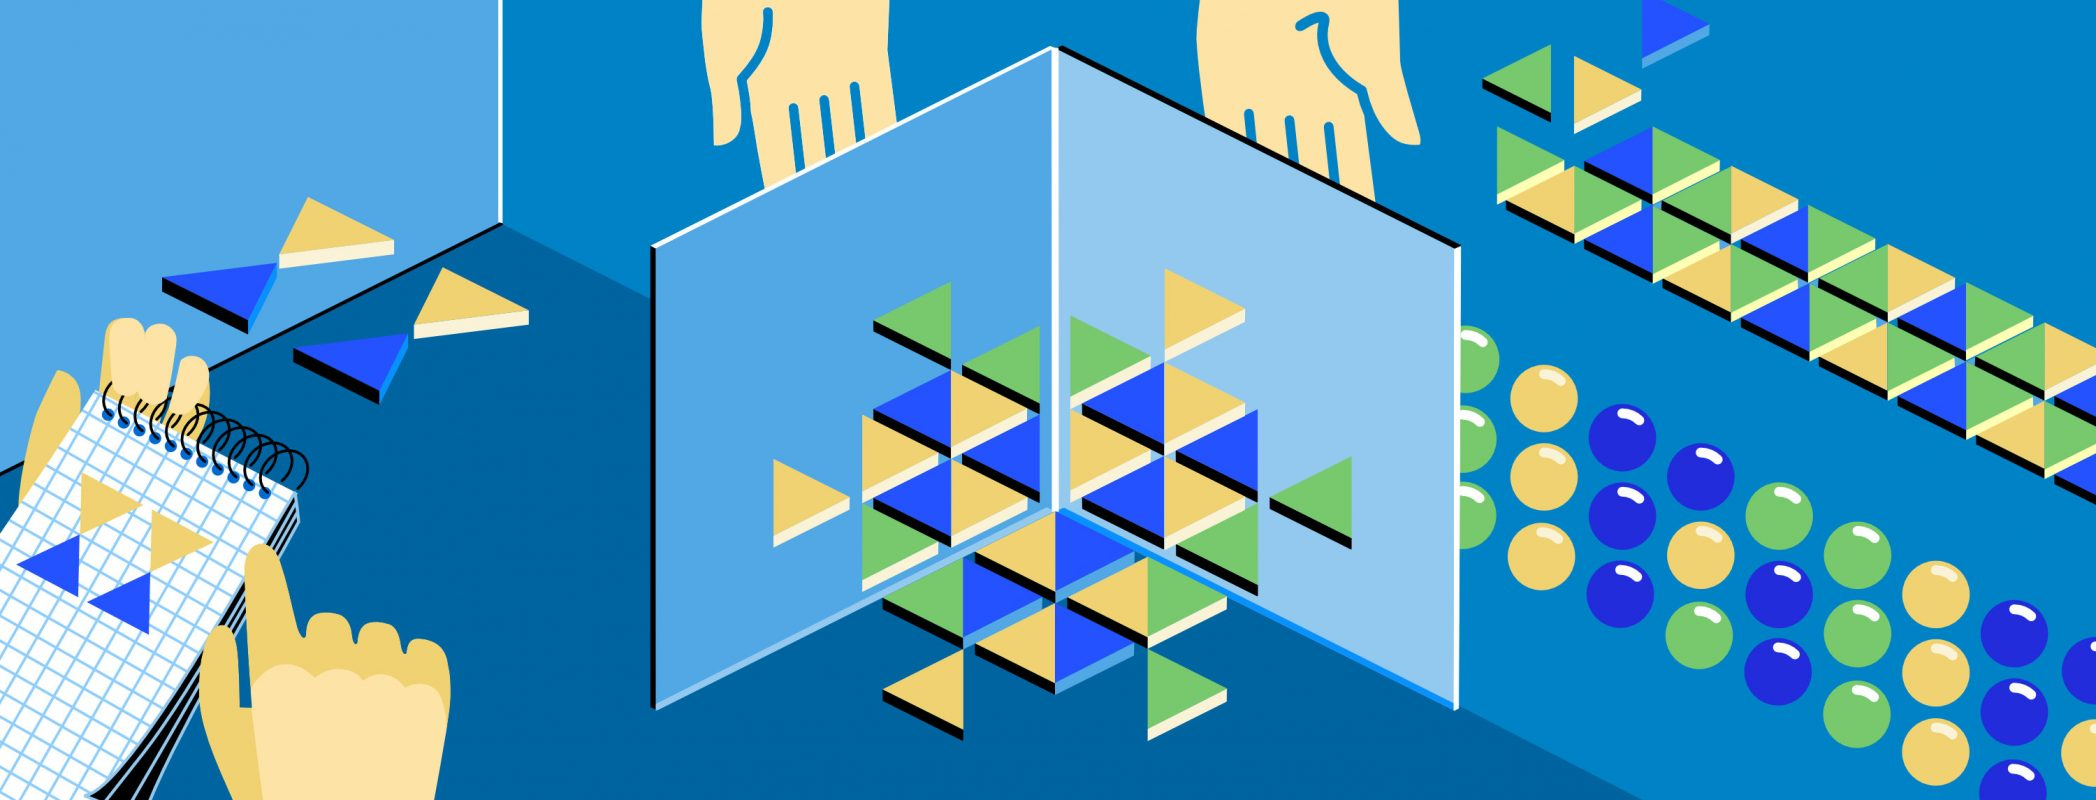 Illustrationsbeispiel Muster & Struktur im Flat-Design Stil für ein Unterrichtsportal